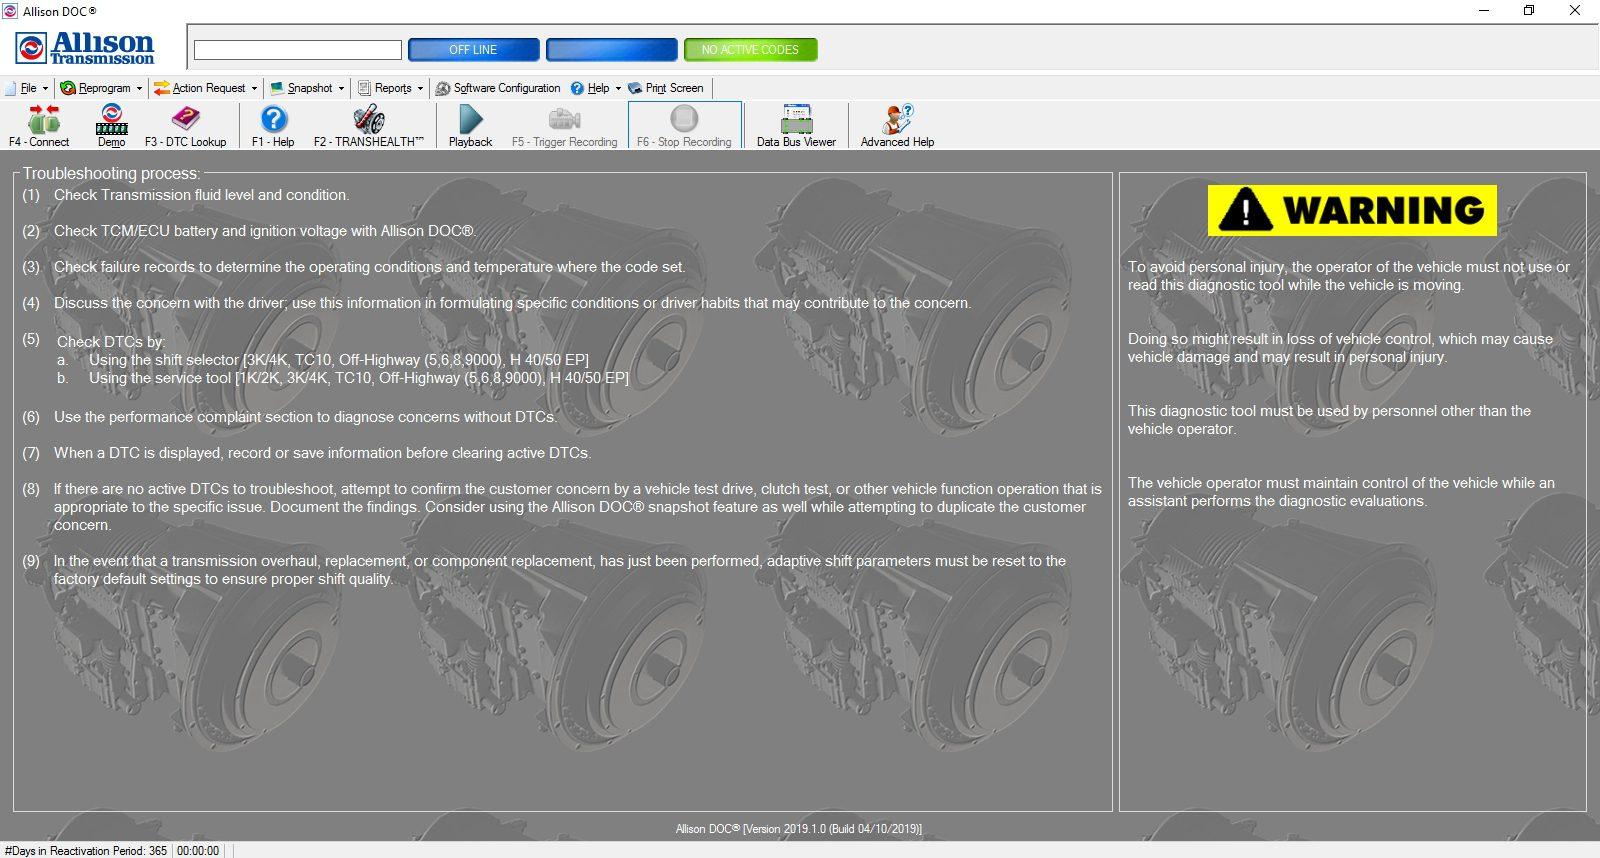 Universal_Allison_DOC_v201910_Build_042019_Transmission_Diagnostic_Software_Full_Instruction_1